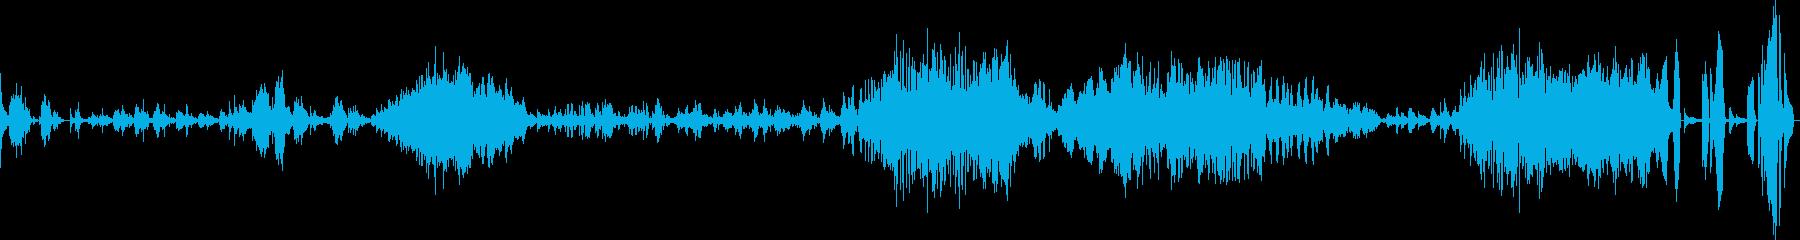 ショパン バラード Op23の再生済みの波形